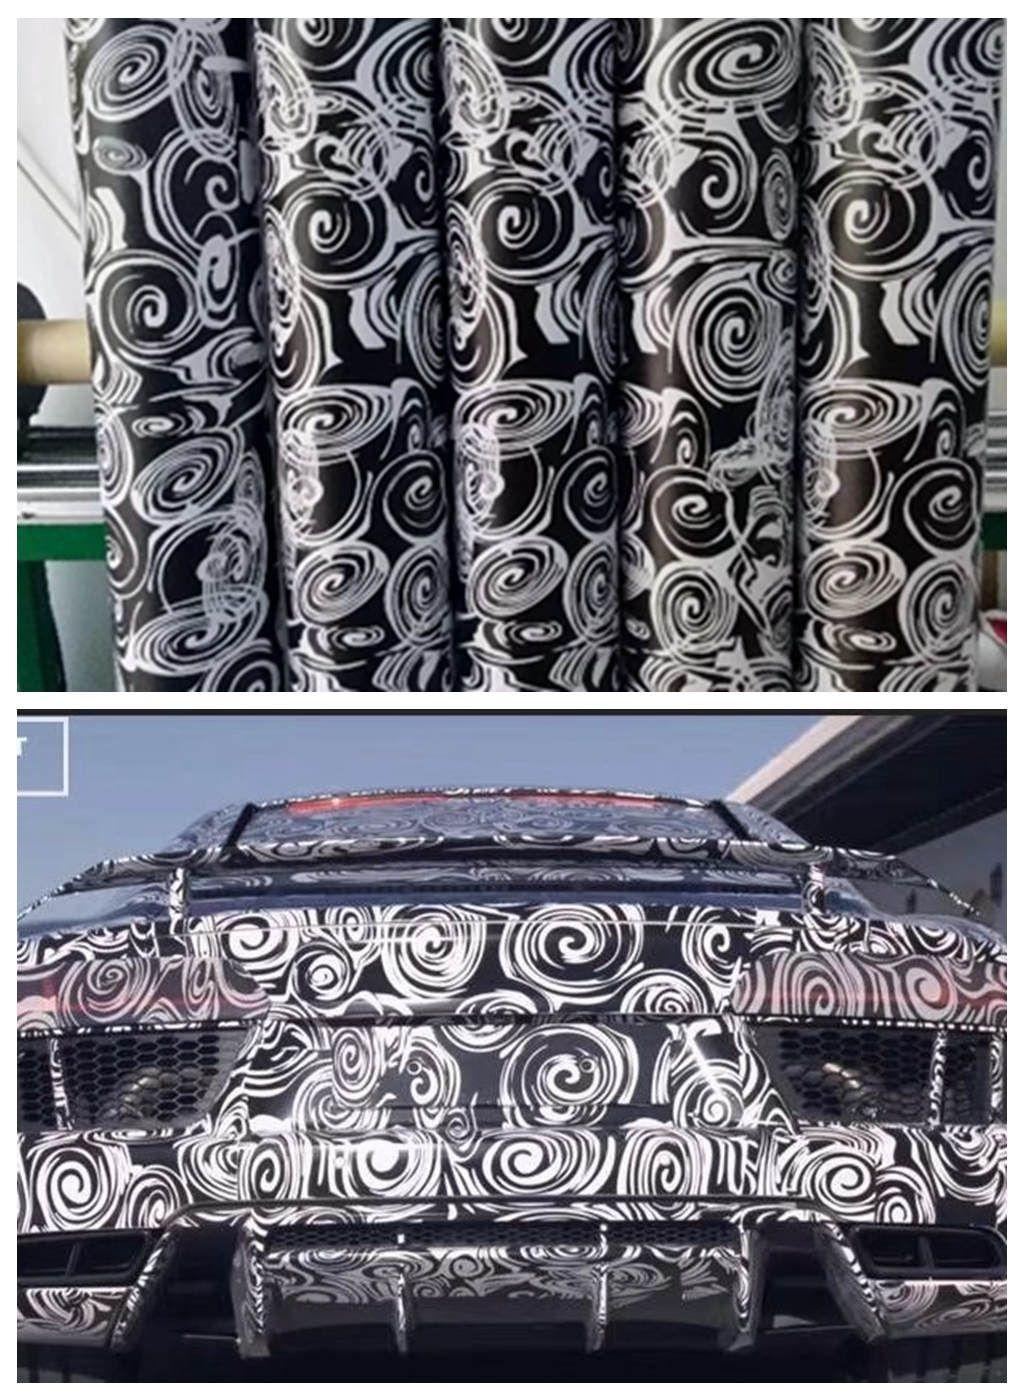 Impressionante Camo Vinyl bianco nero Car Wrap Con bolle d'aria Stampato / VERNICIATO A mano Camouflage Car wrapping adesivi 1.52x10m / 20m / 30m Roll